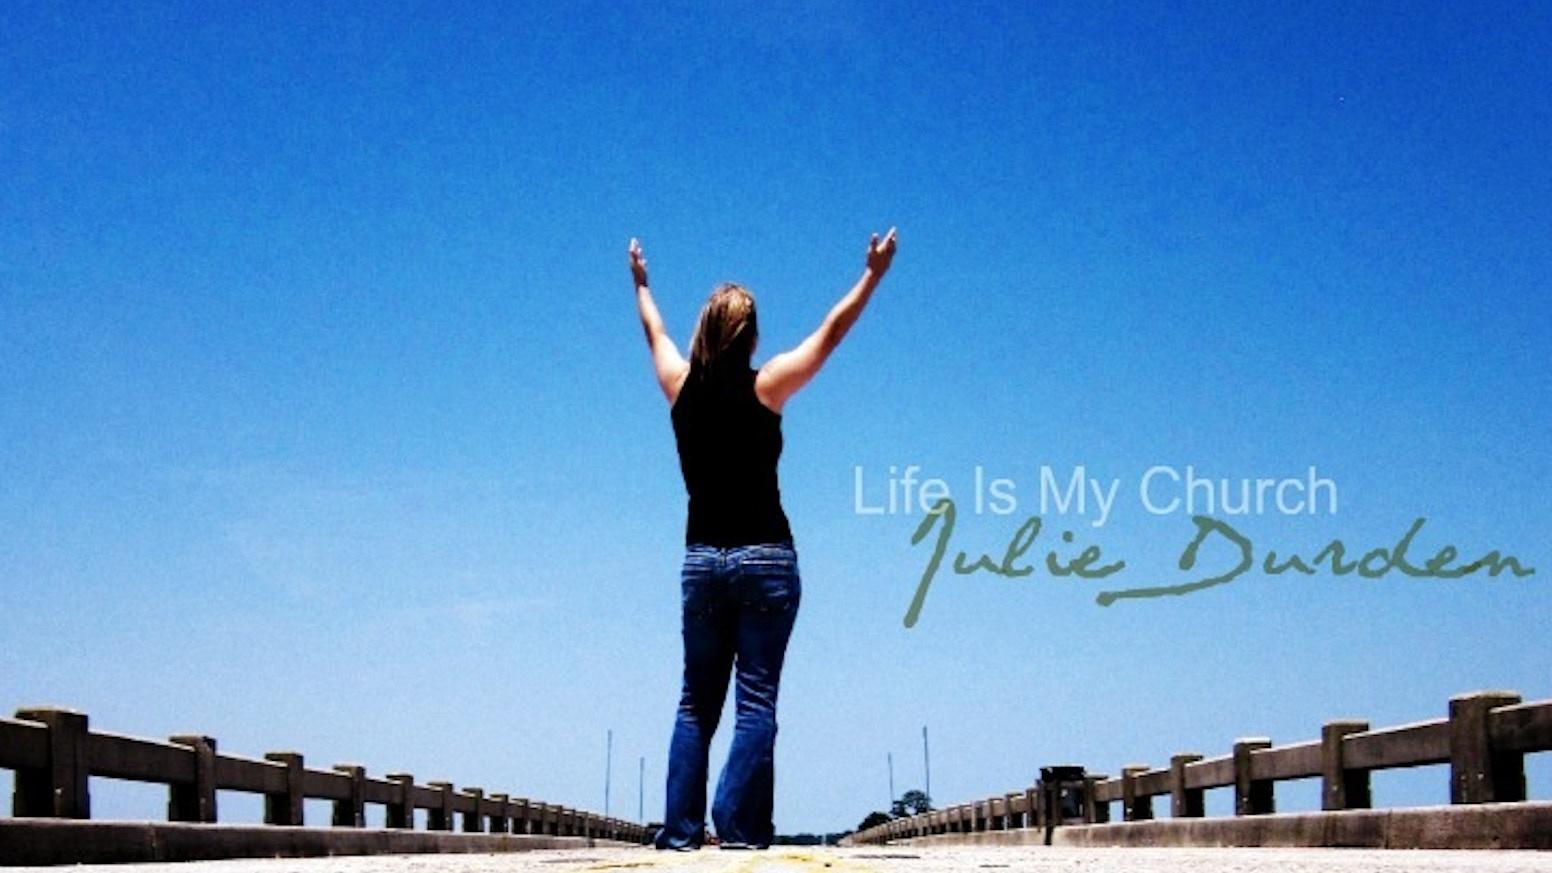 UNITY= Julie Durden + YOU + Her new CD